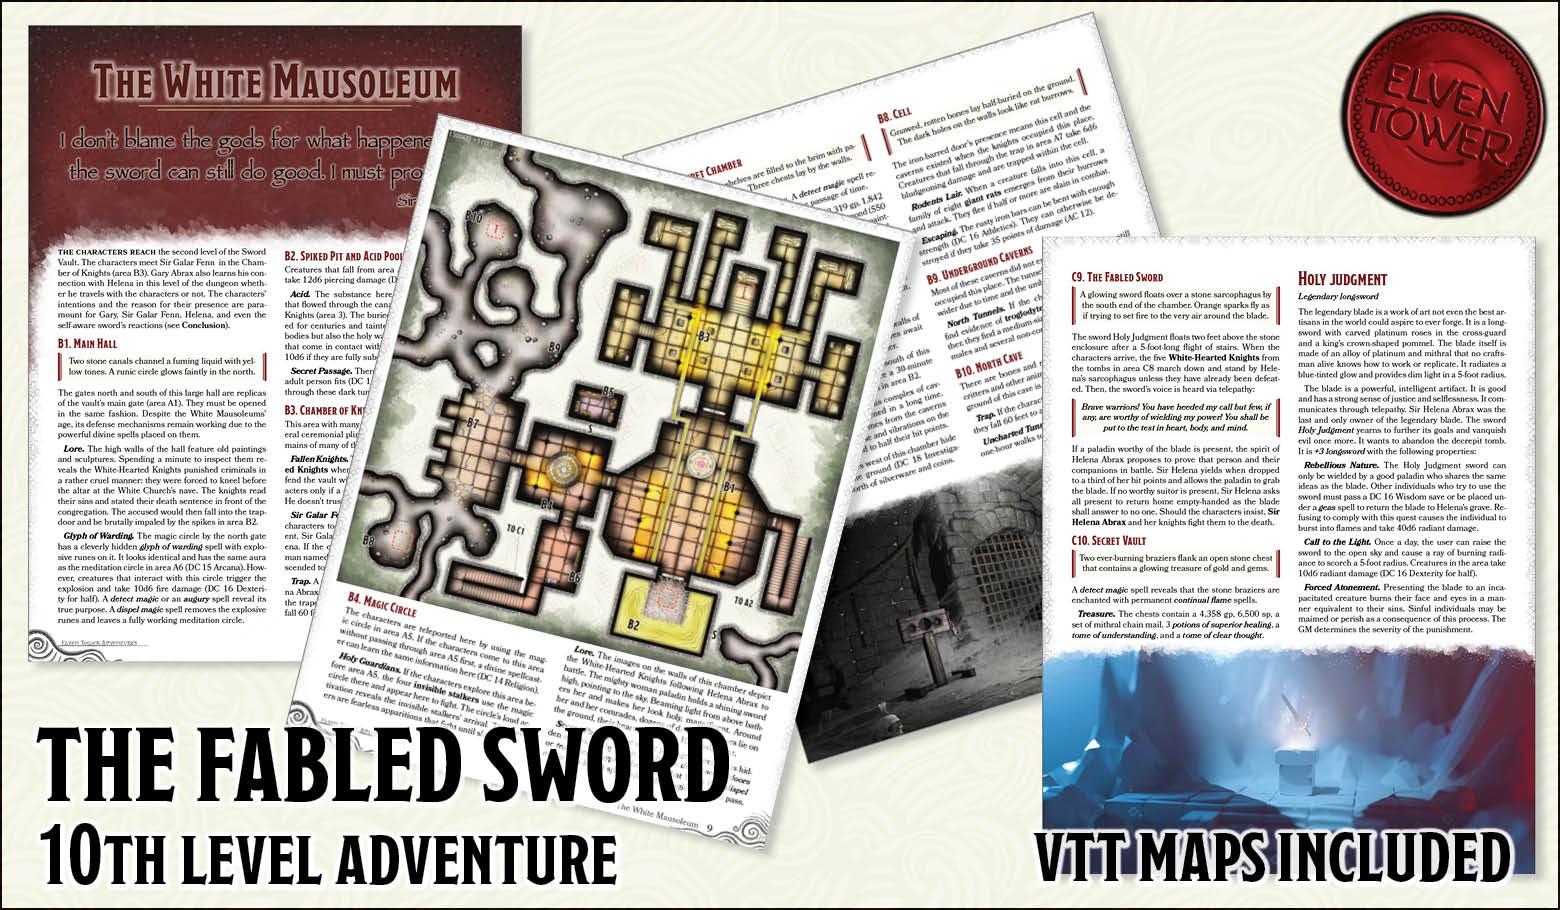 V_-_The_Fabled_Sword_-_promo2.jpg